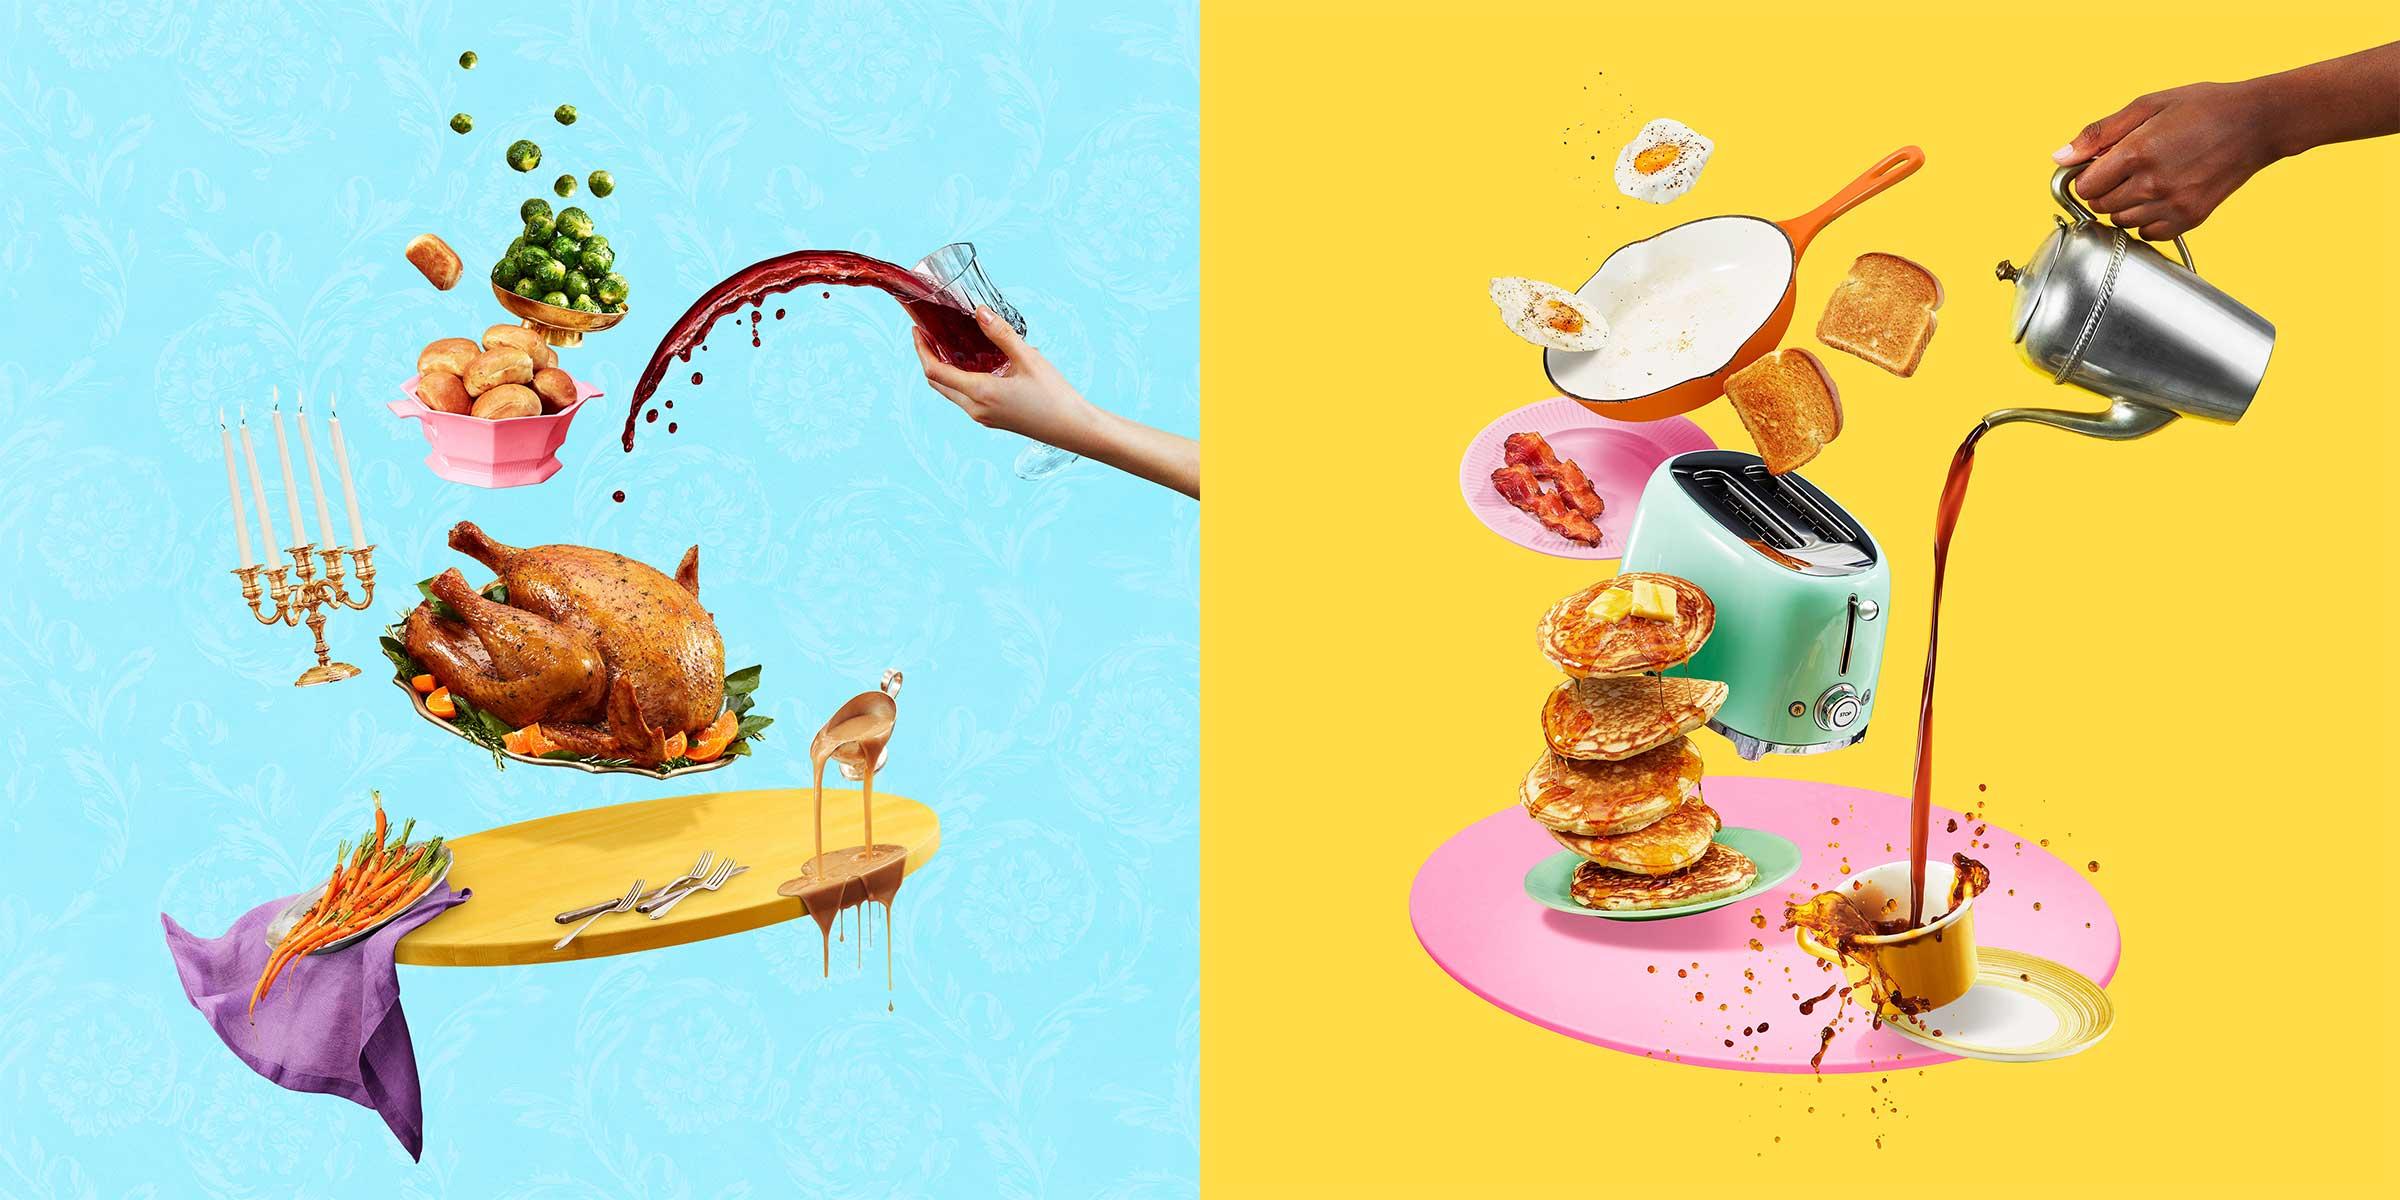 food-stylist-san-francisco---messy.jpg